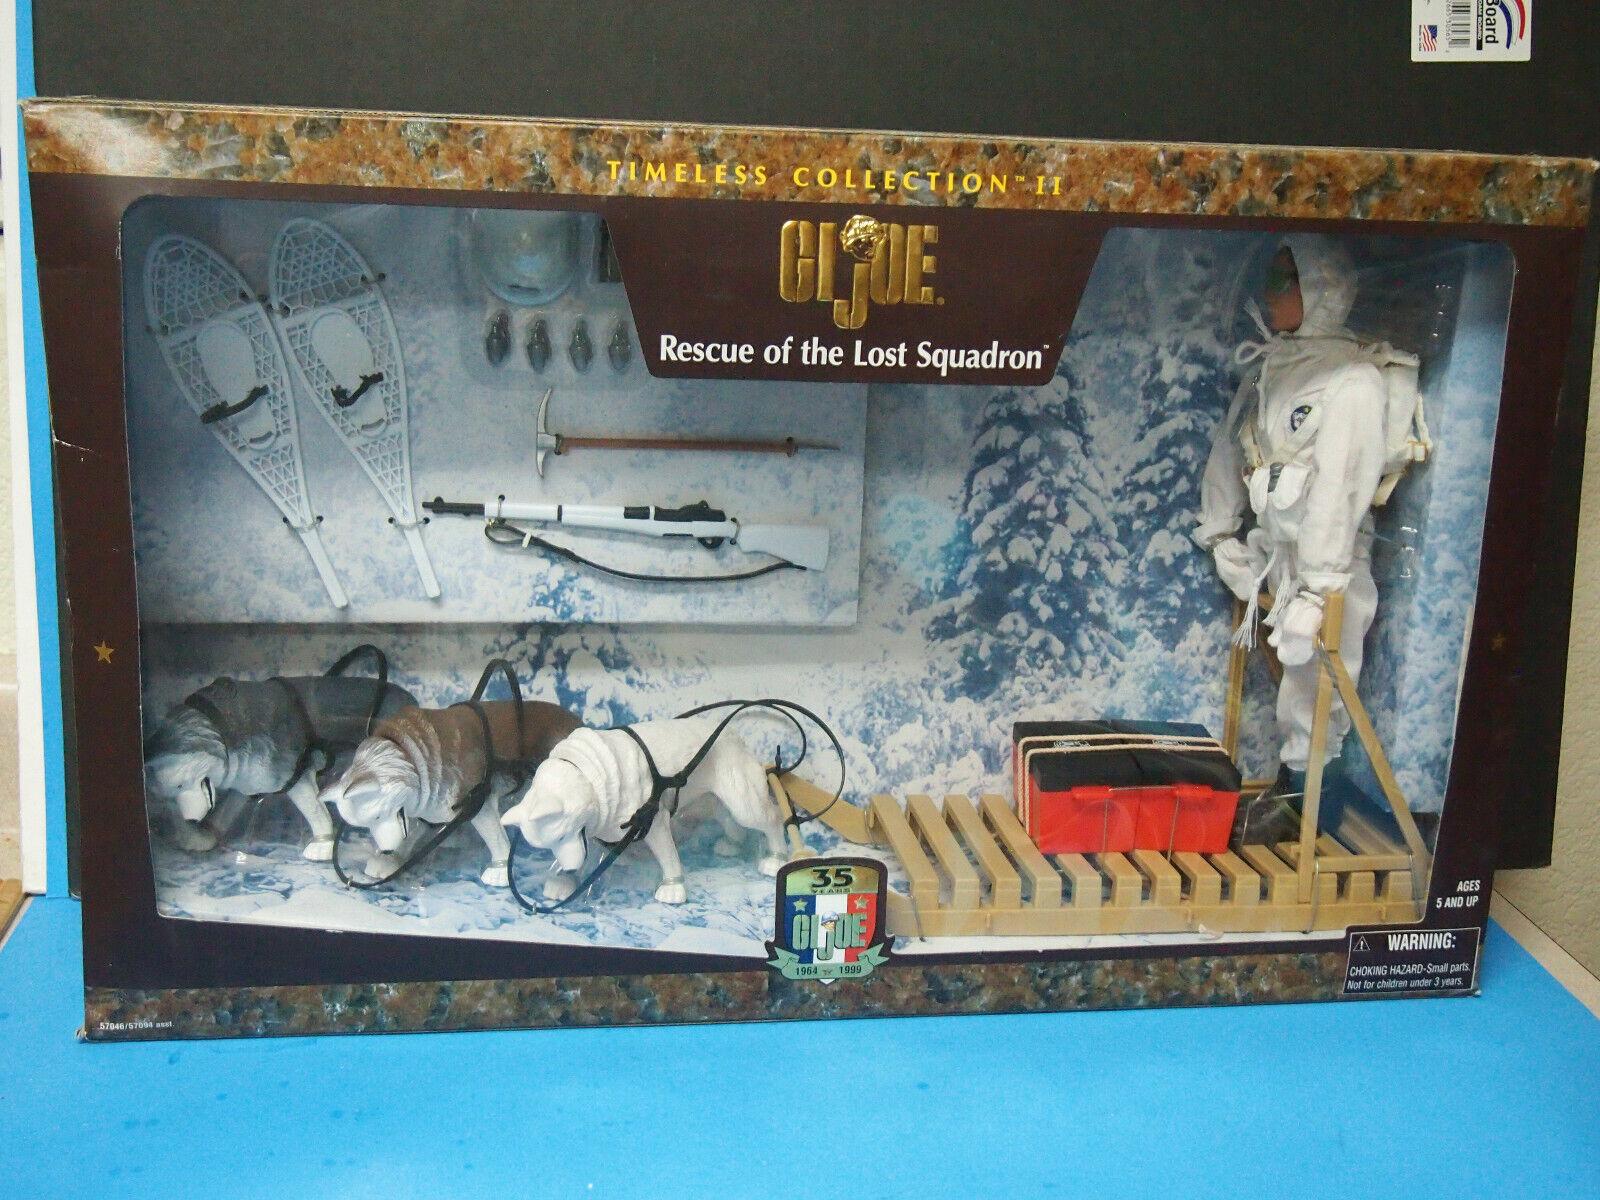 GI JOE RESCUE OF THE LOST SQUADRON   800101-S5